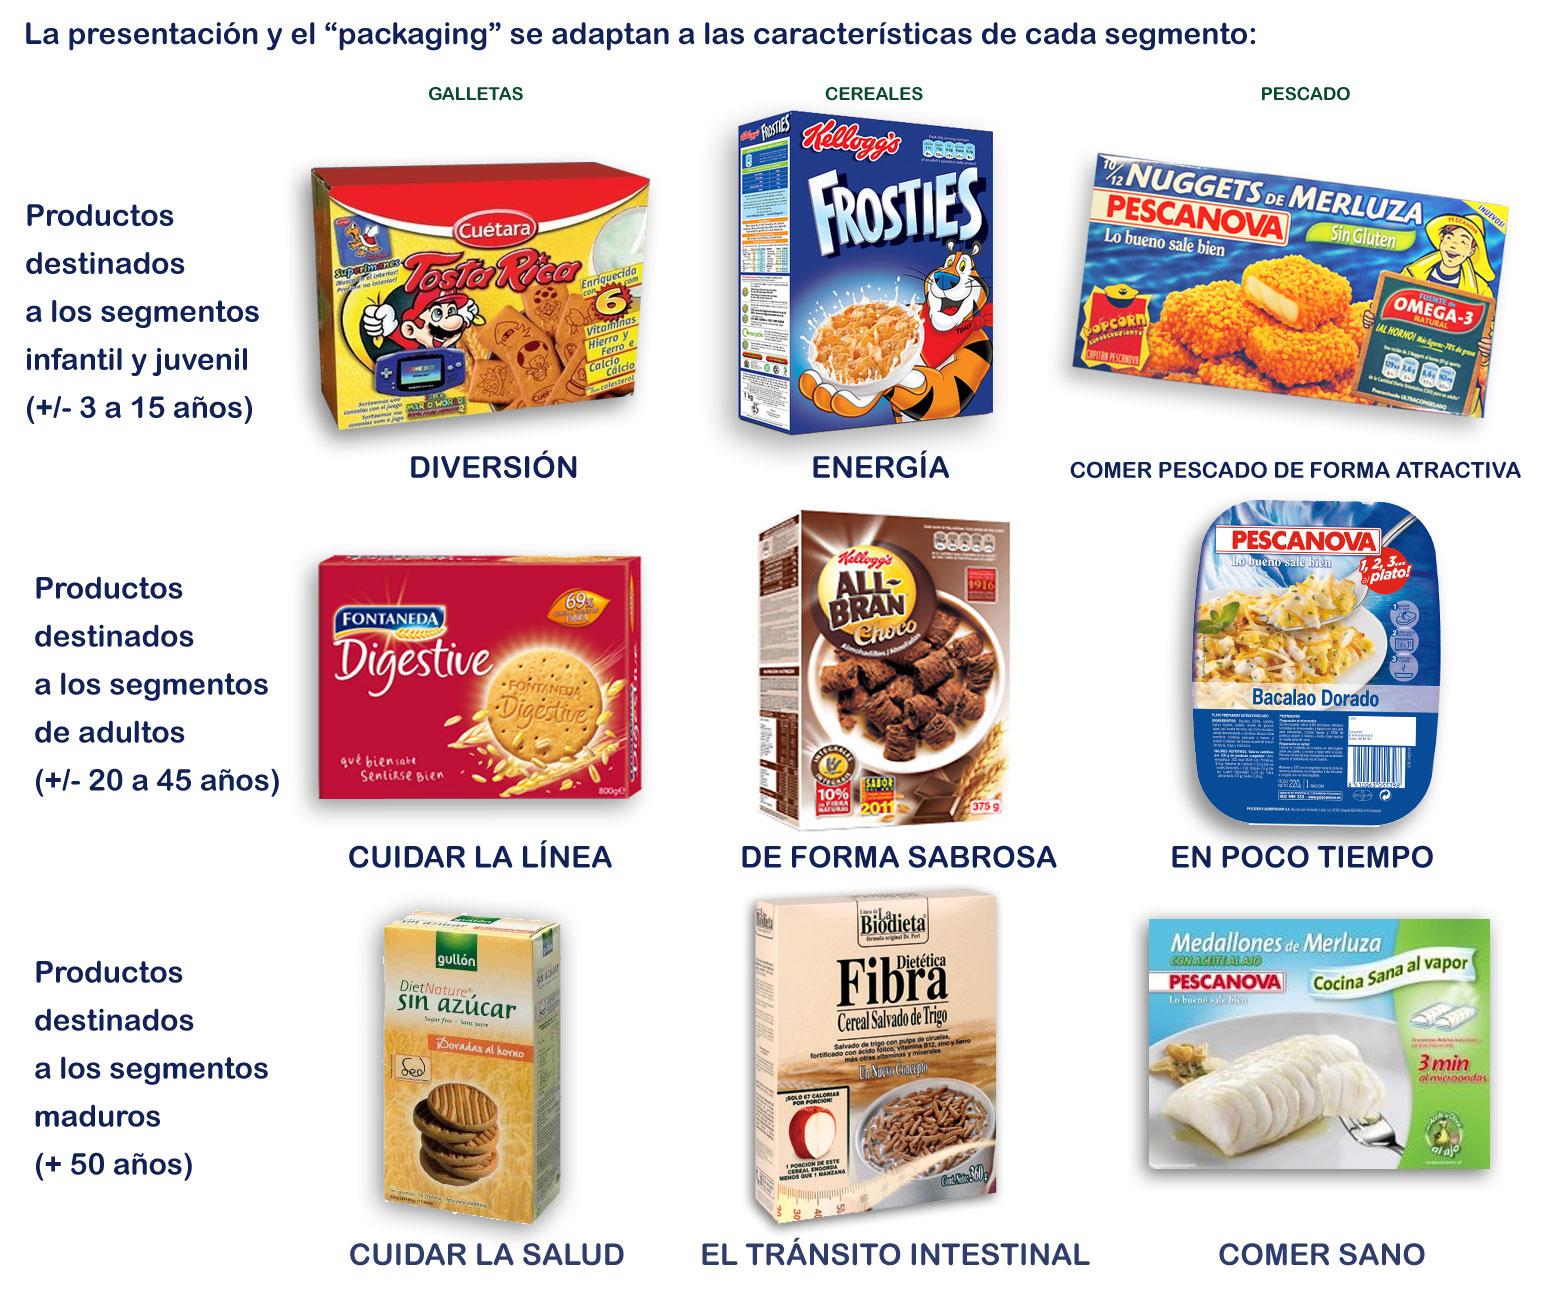 marketing: formas de segmentar el mercado - Rankia